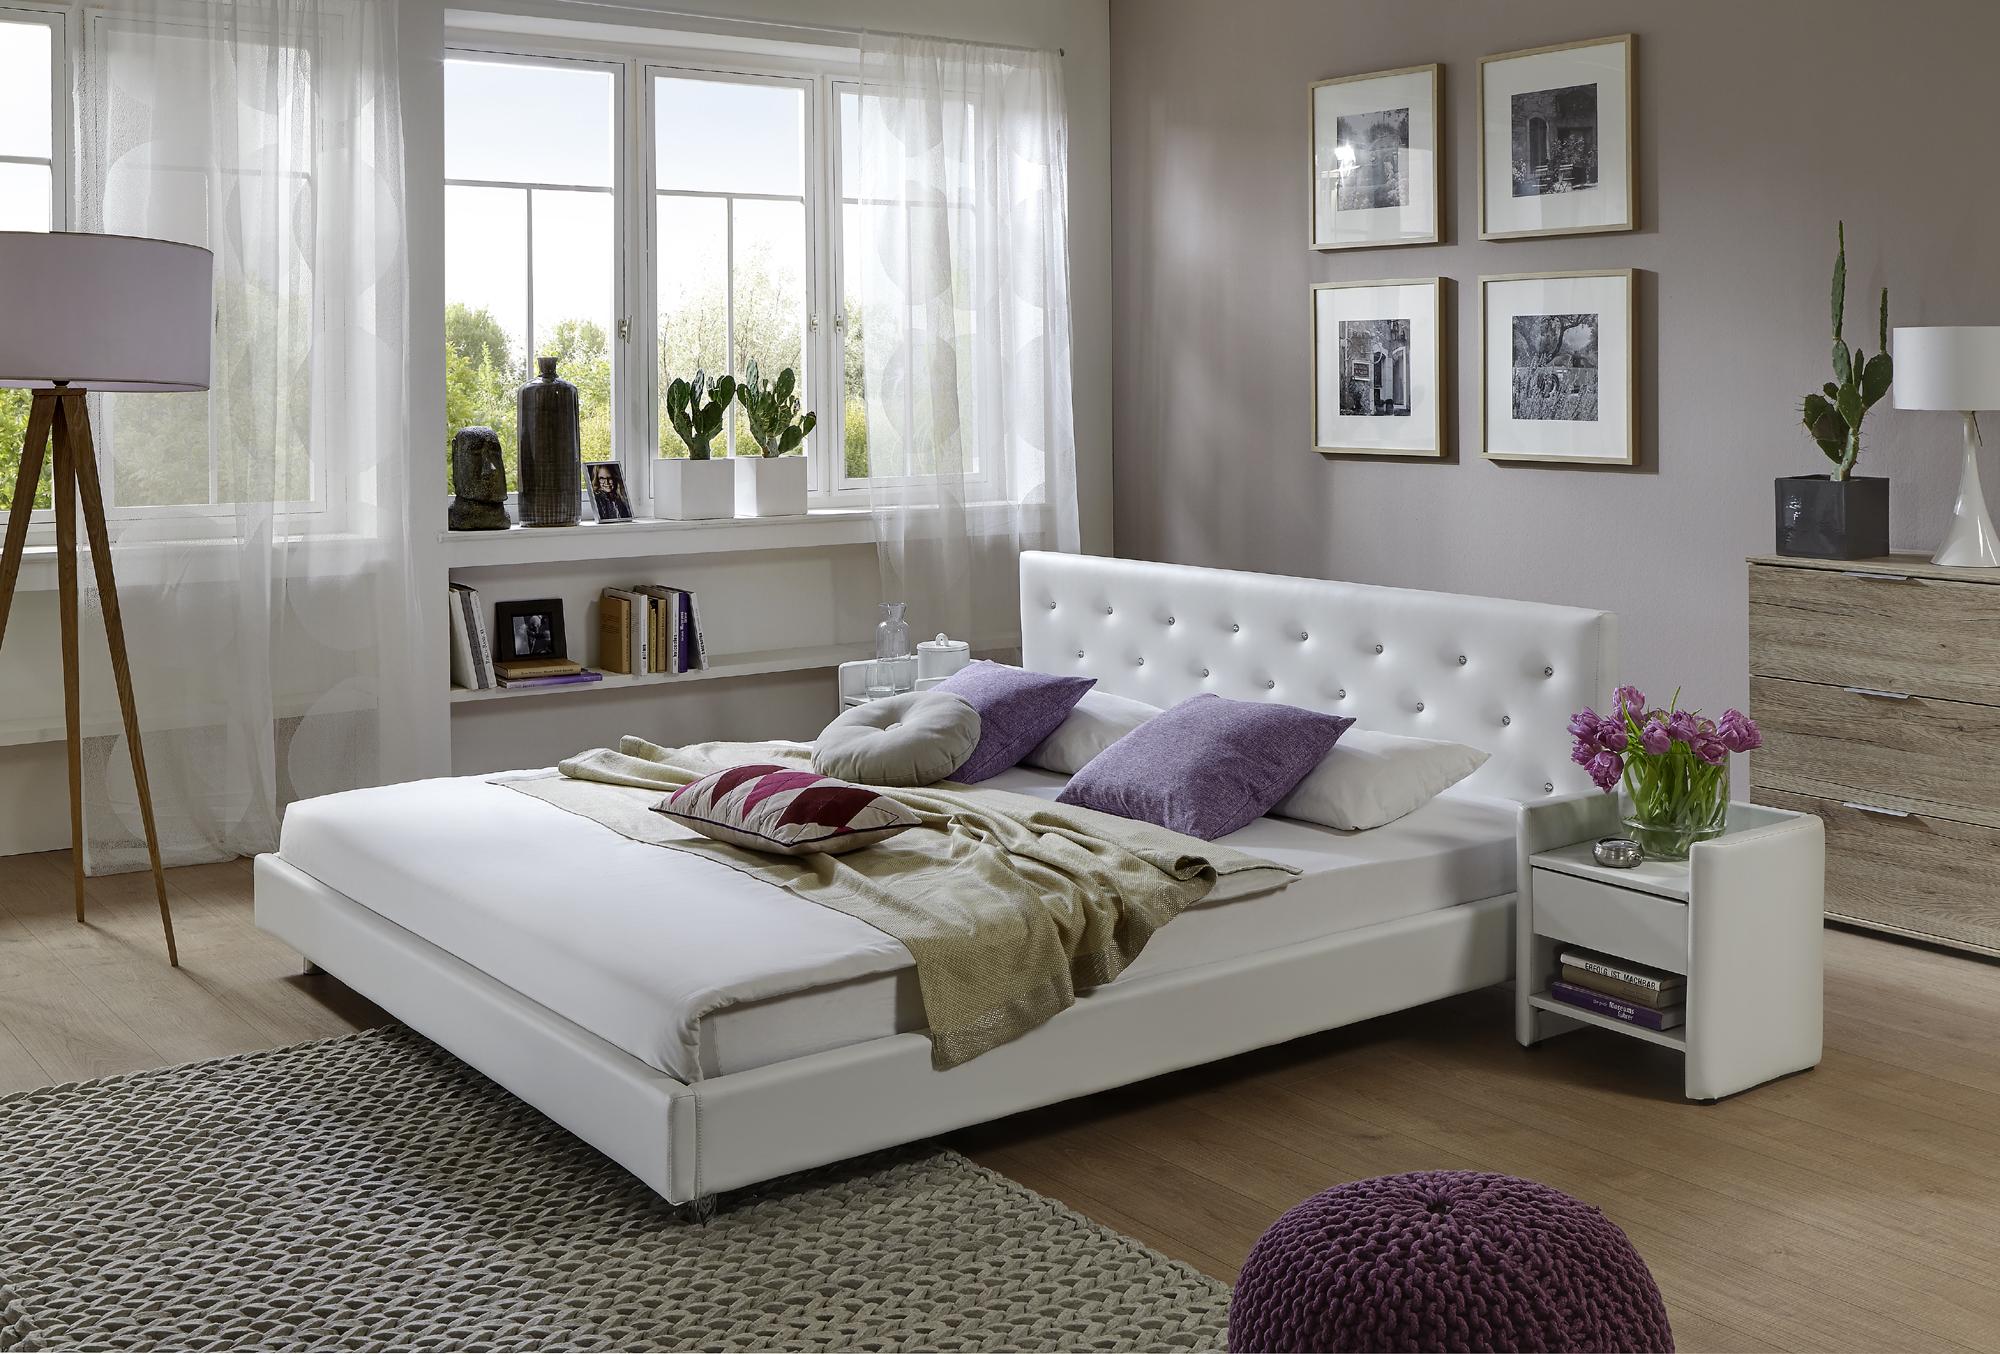 sam polsterbett 180 x 200 cm wei adonia auf lager. Black Bedroom Furniture Sets. Home Design Ideas